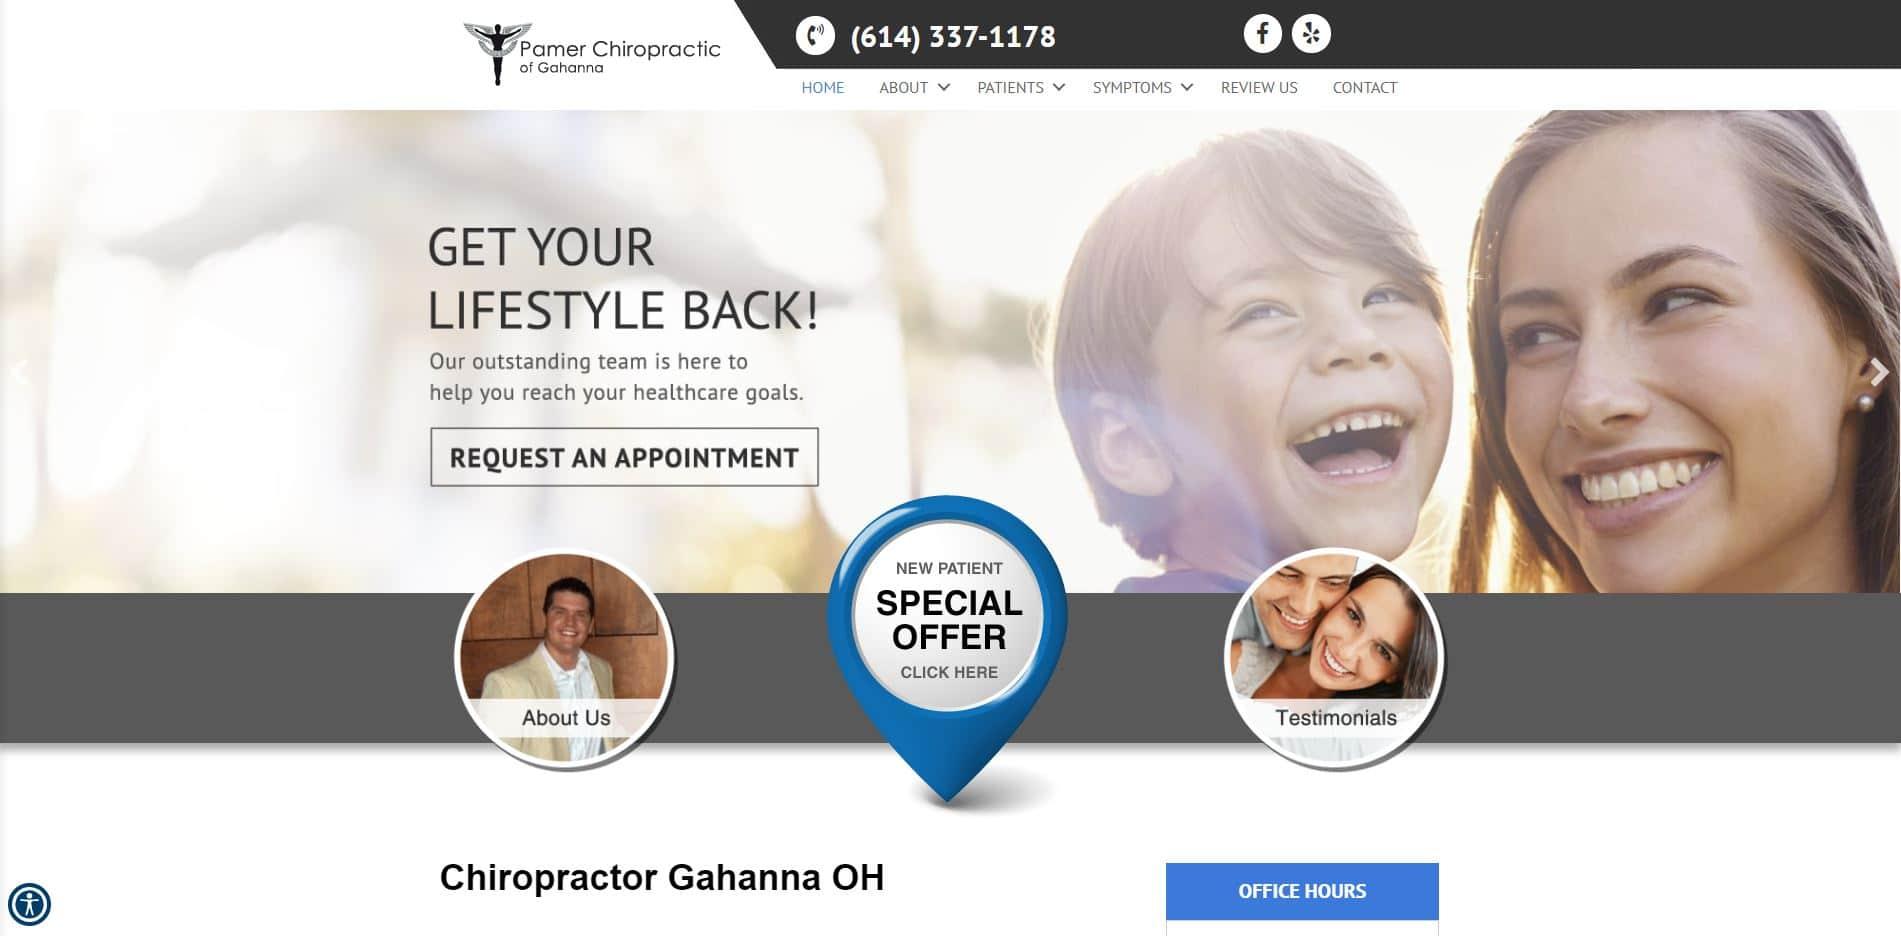 Chiropractor in Gahanna